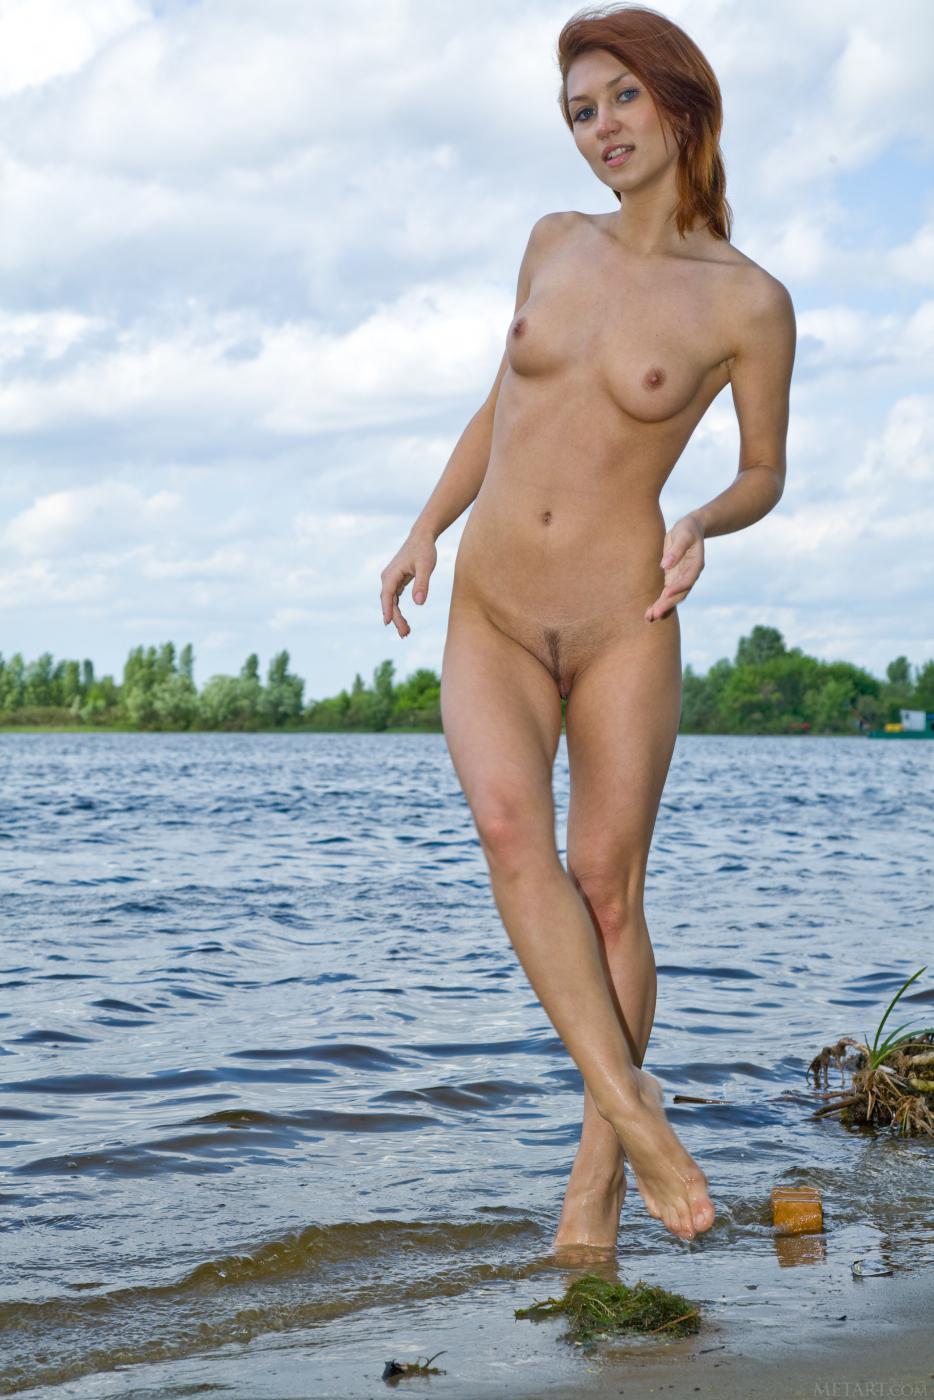 Похотливая рыженькая штучка Katrin B с крошечными грудями и аккуратной писей в людном месте обнаженная